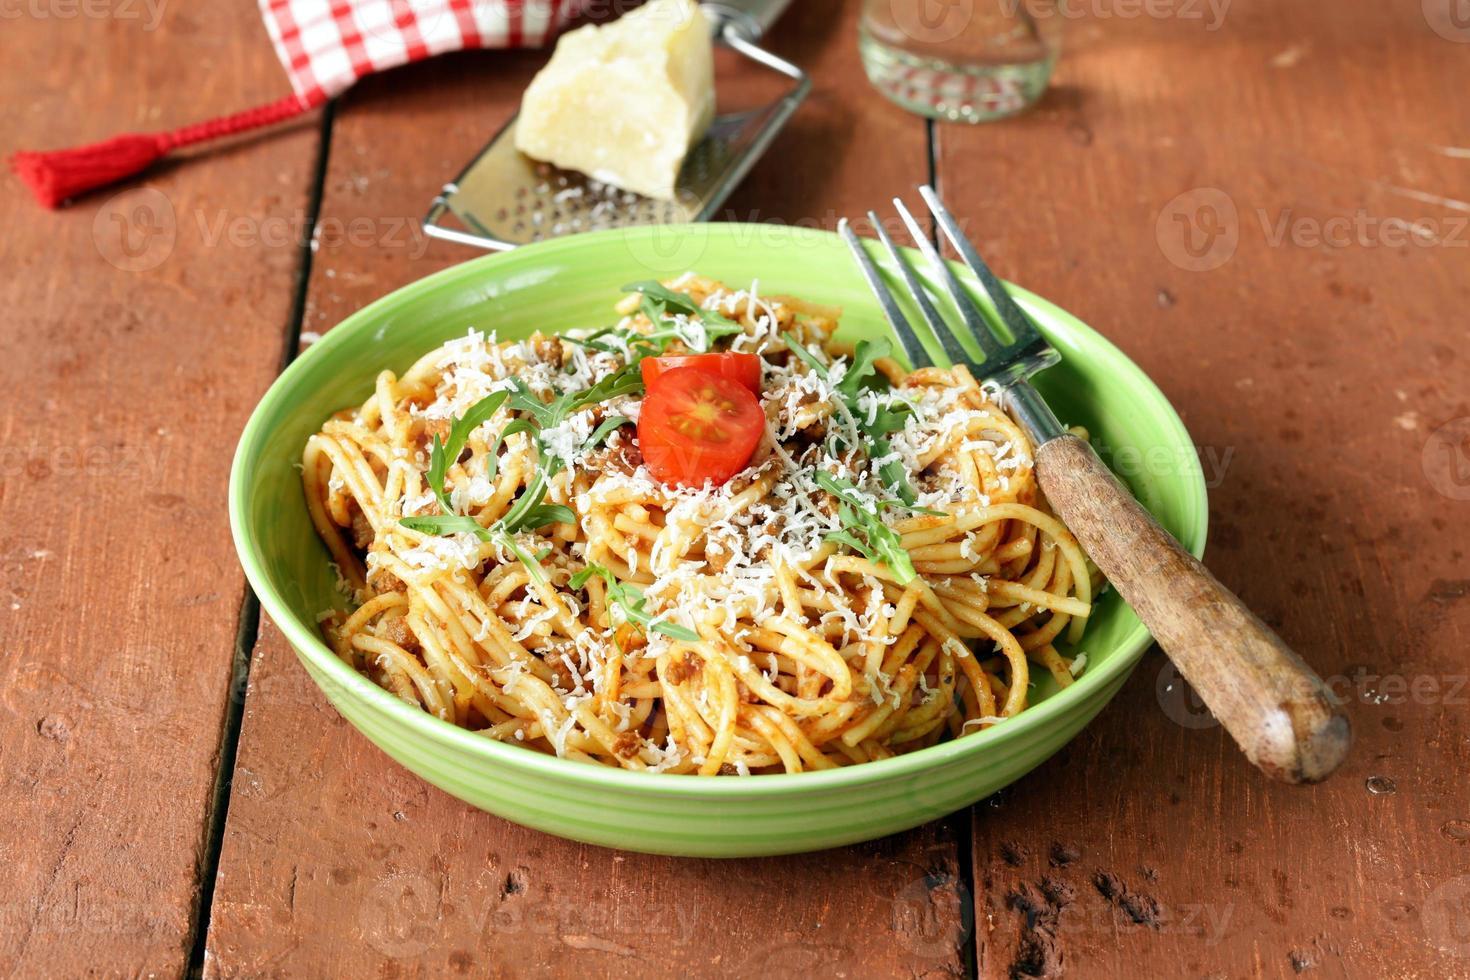 pâtes traditionnelles à la sauce tomate spaghetti bolognaise au parmesan photo